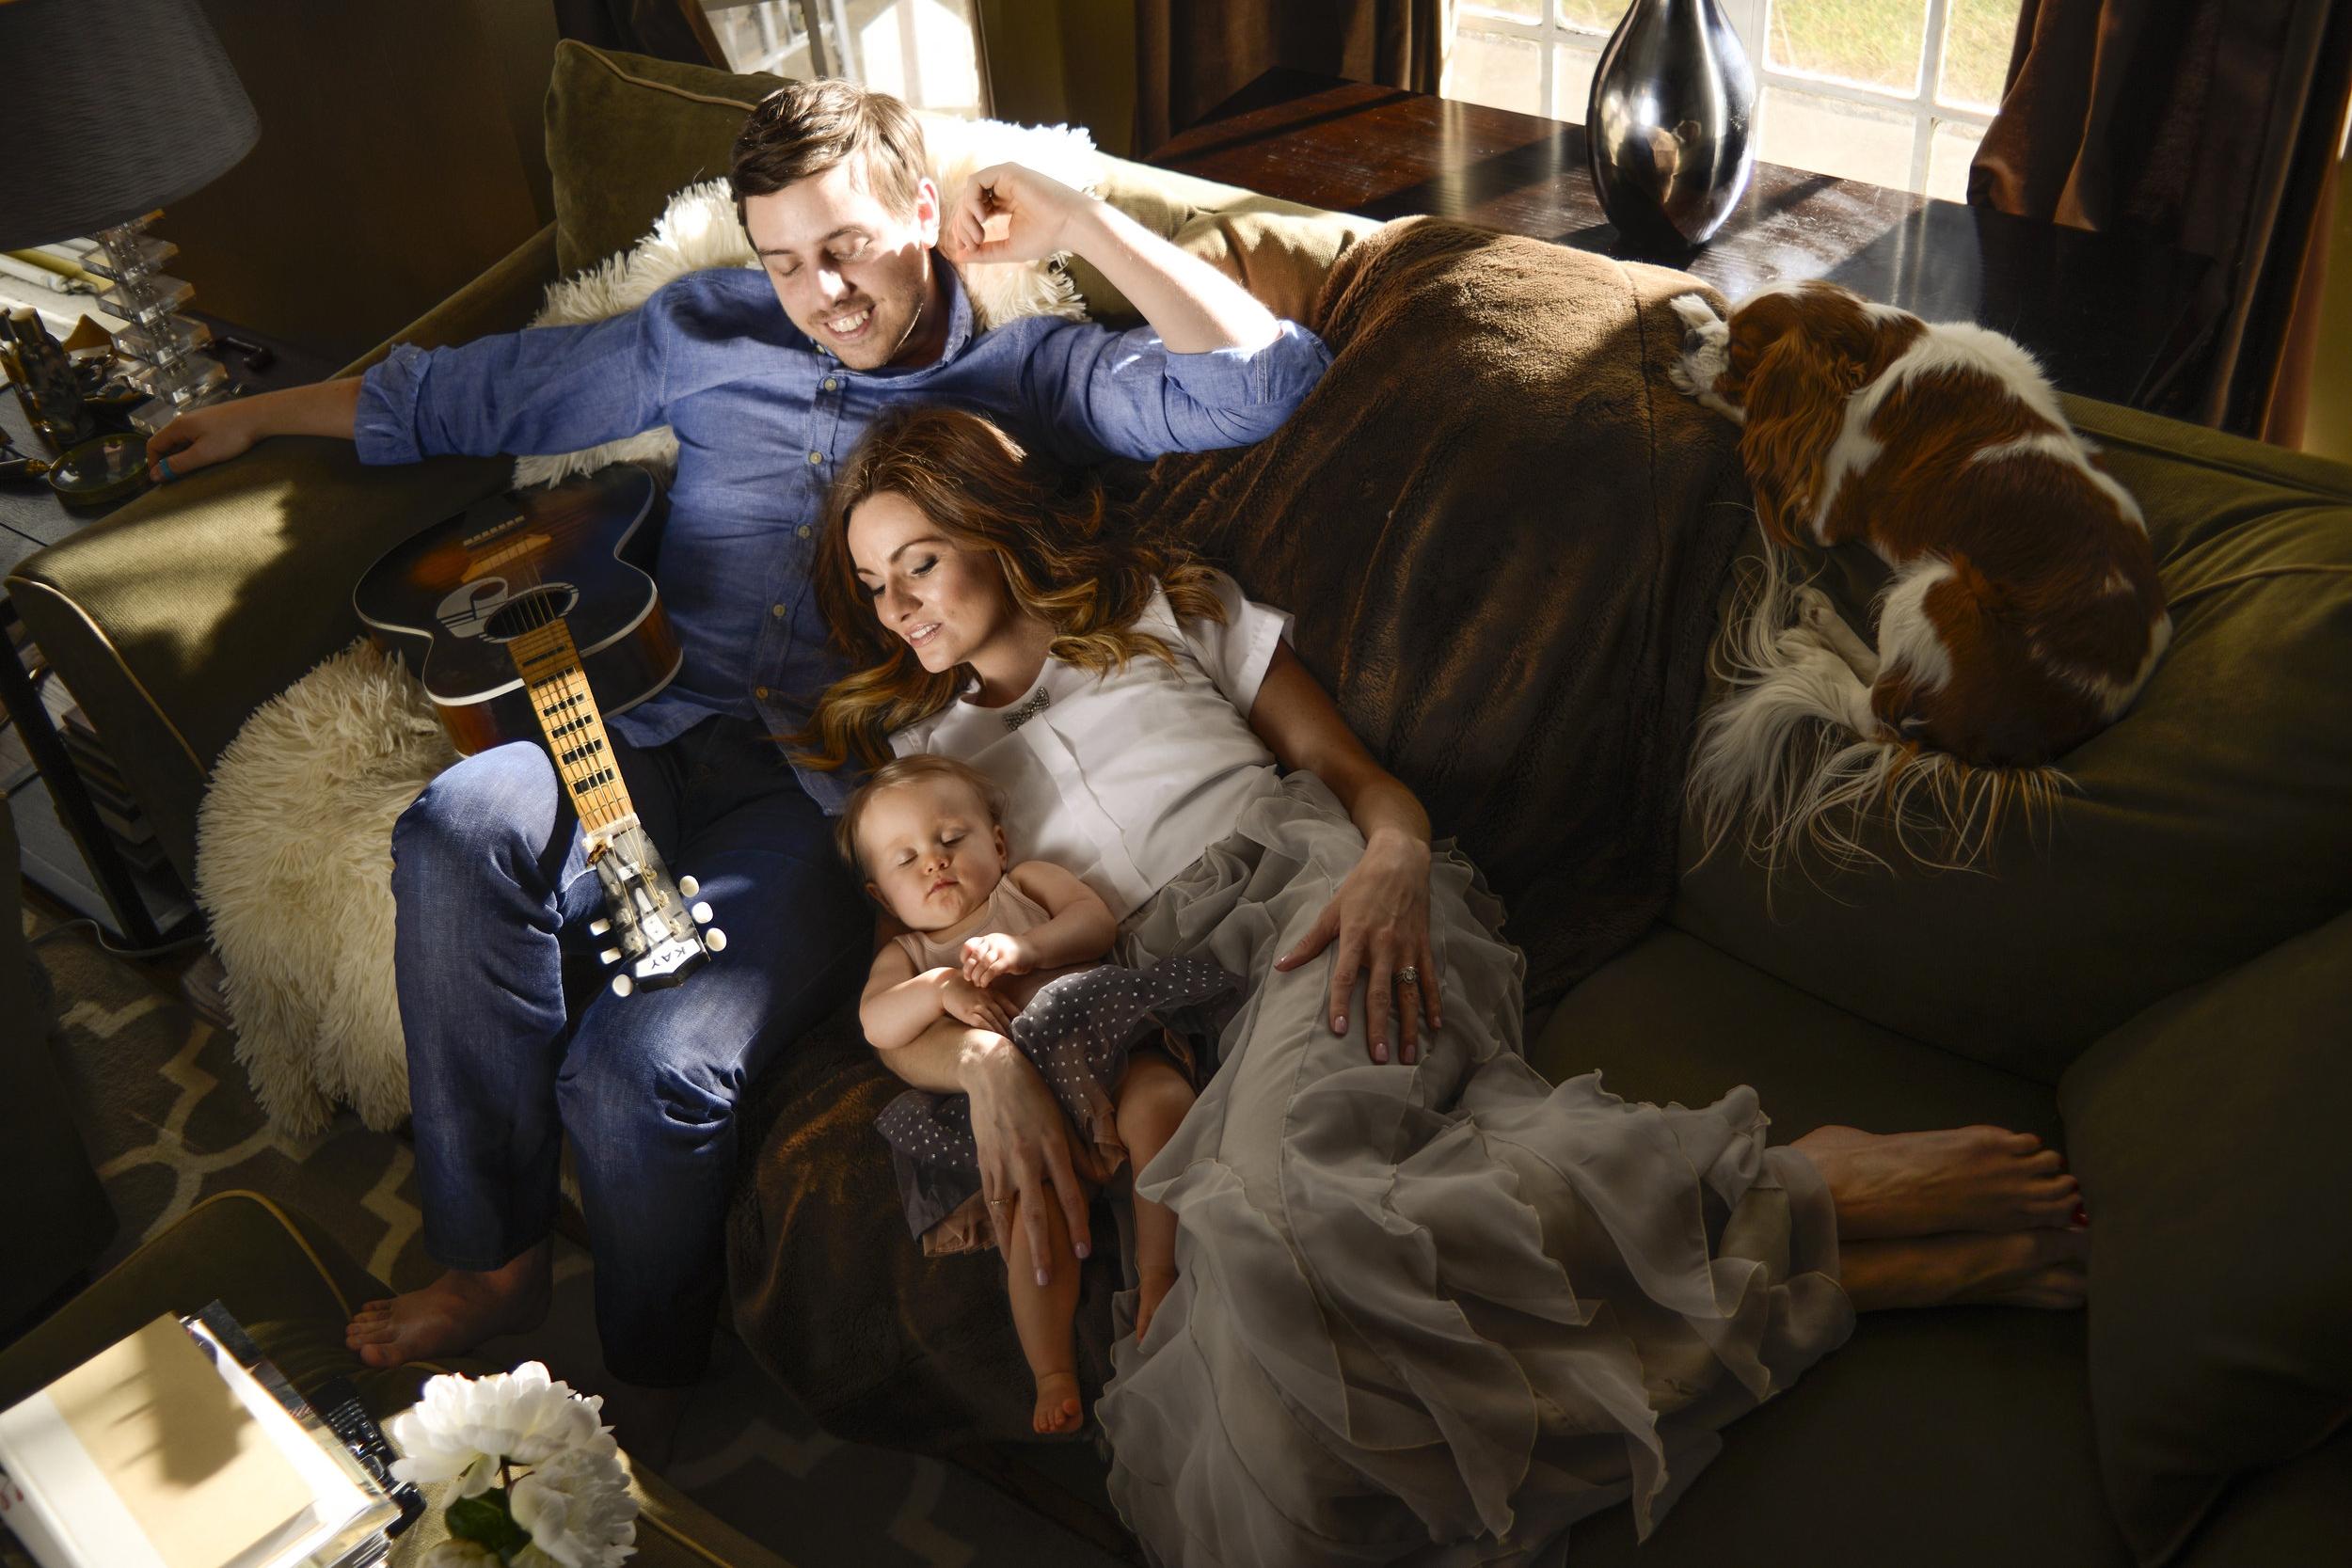 SHANNON & FAMILY   (HUSBAND JON, DAUGHTER SLOANE, & DOG JUNE CARTER)